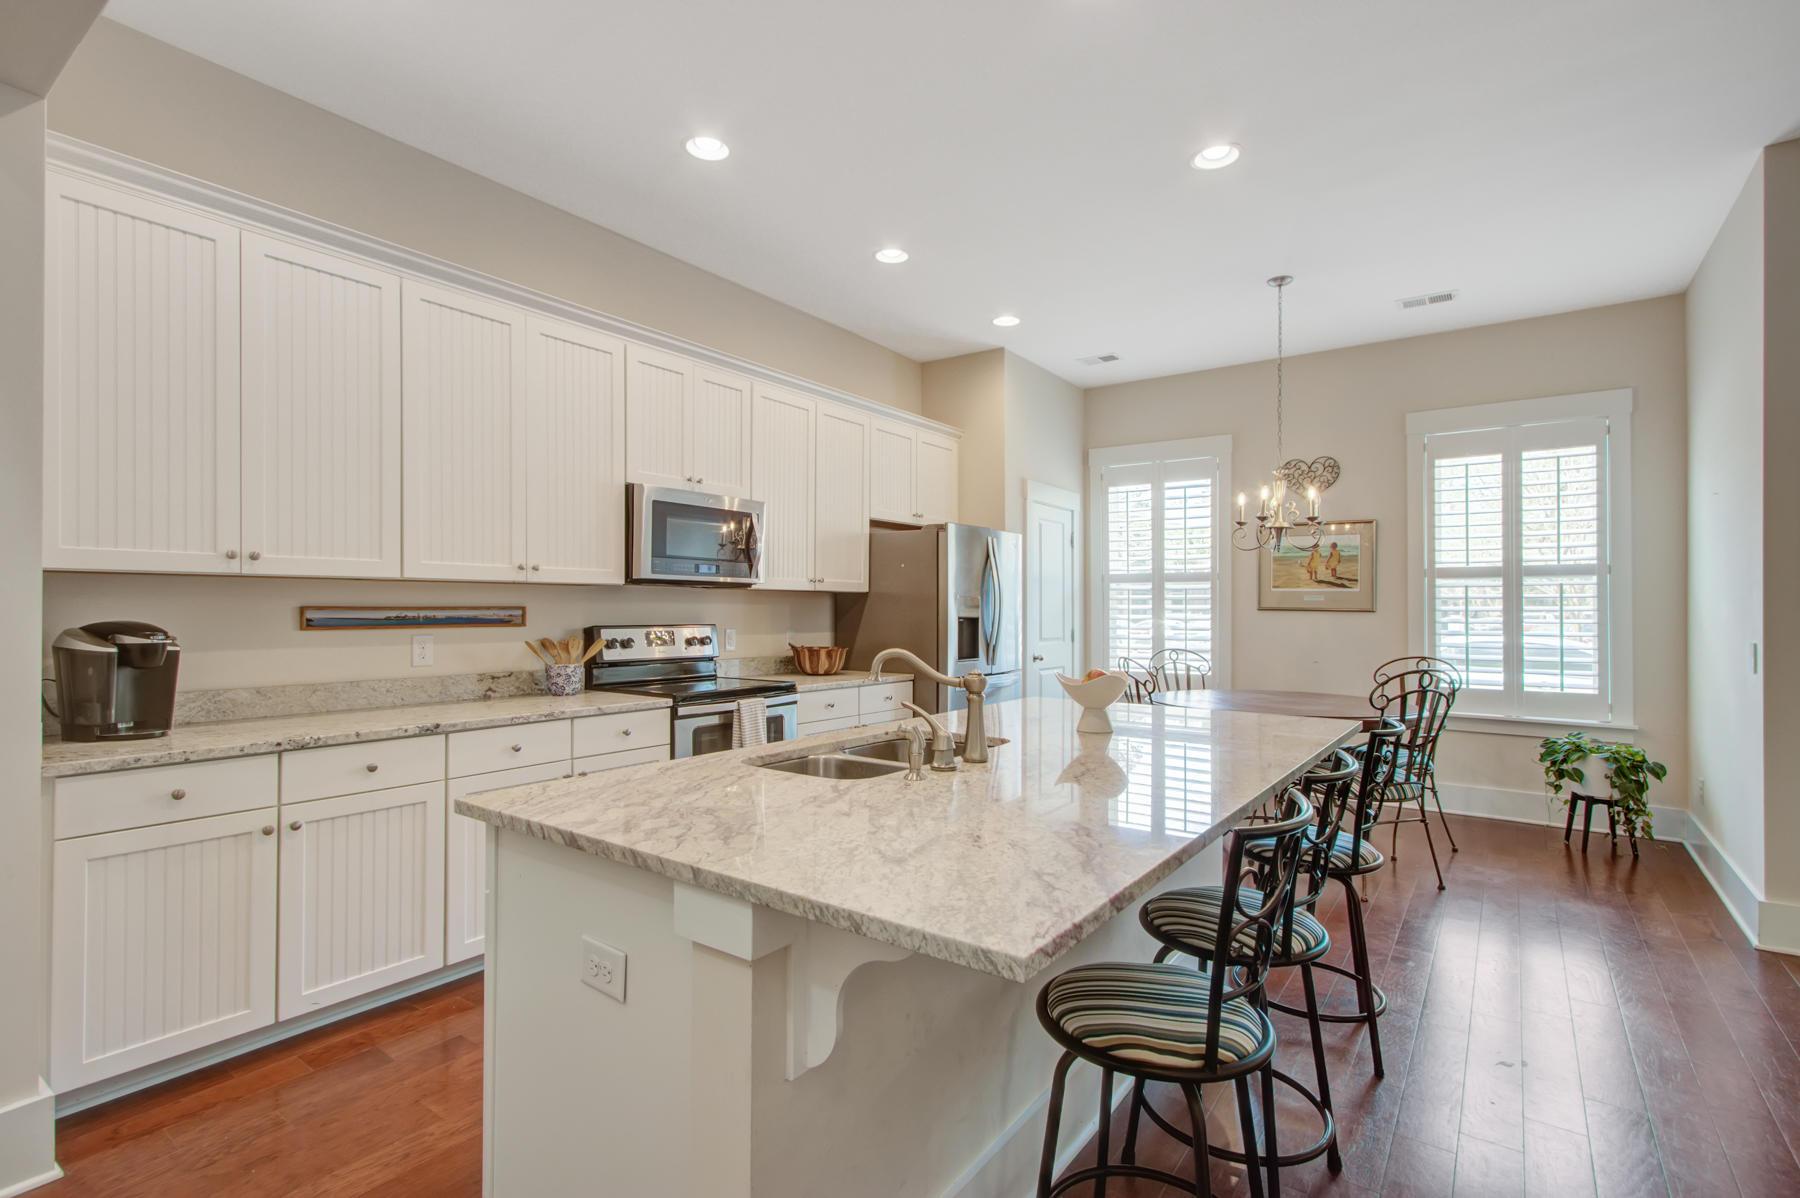 Moultrie Park Homes For Sale - 610 Ellingson, Mount Pleasant, SC - 21